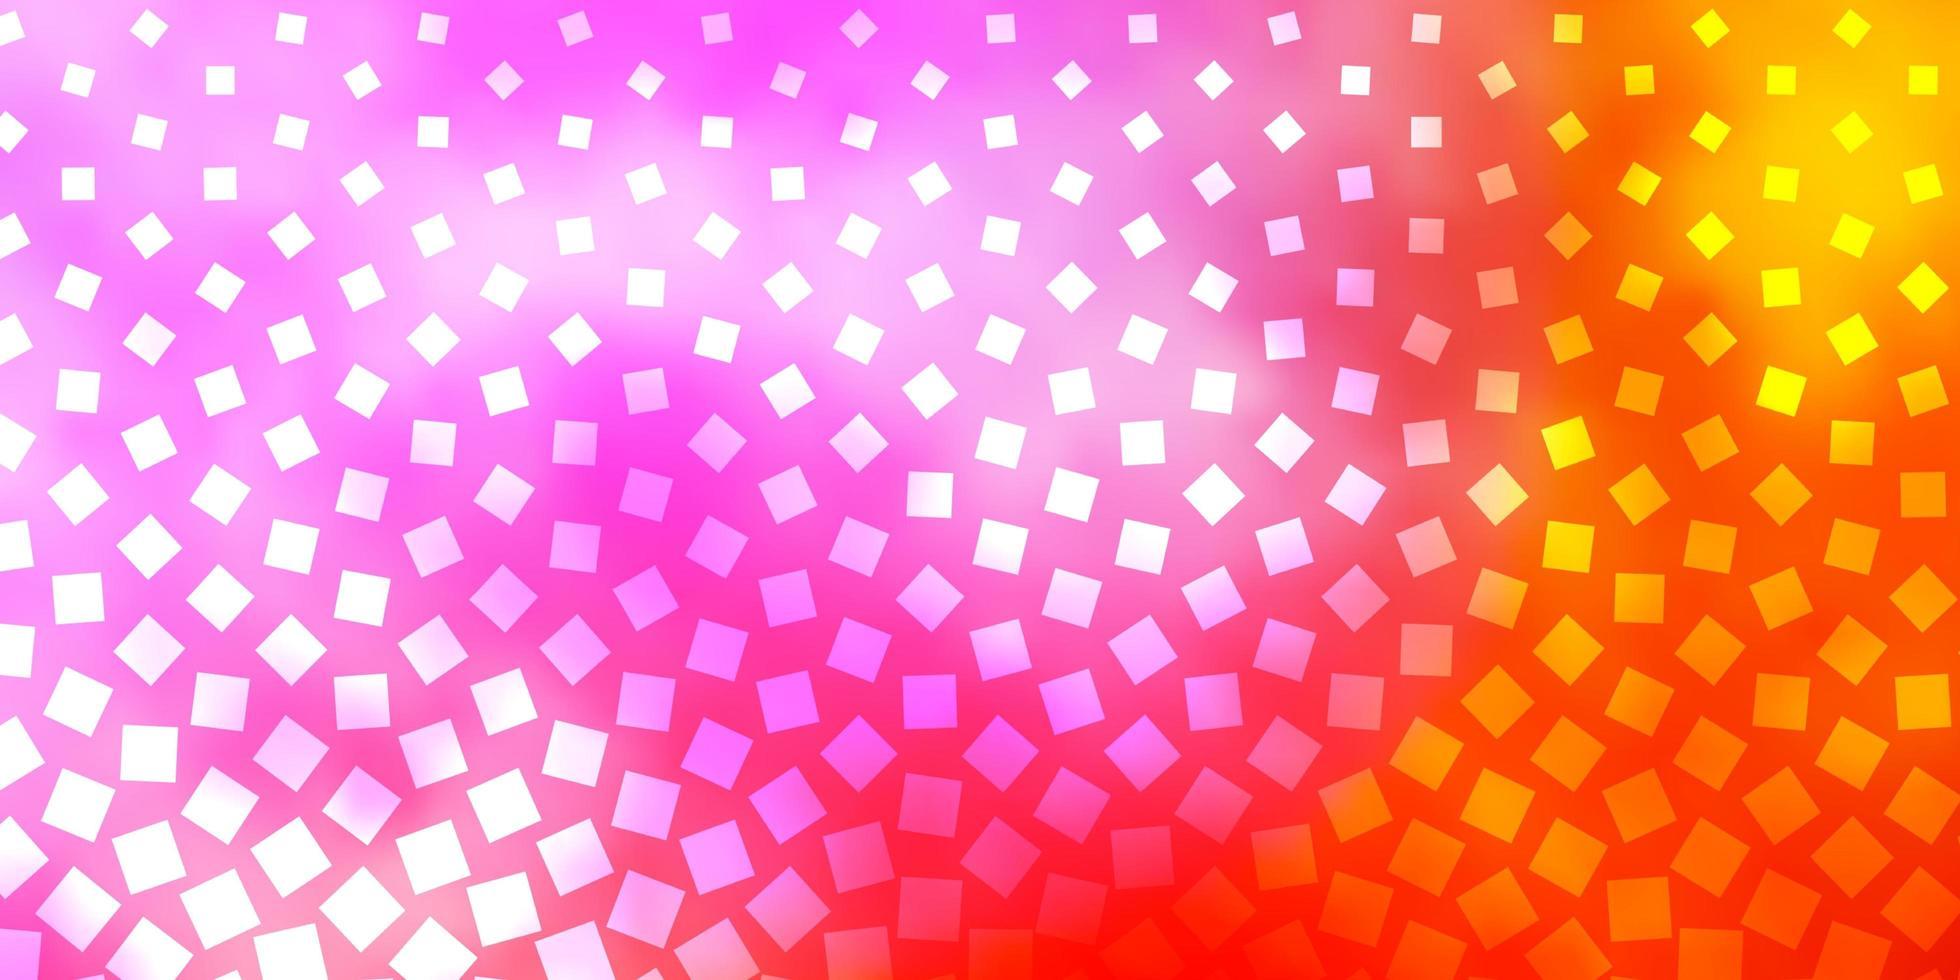 plantilla de color rosa claro, amarillo en rectángulos. vector